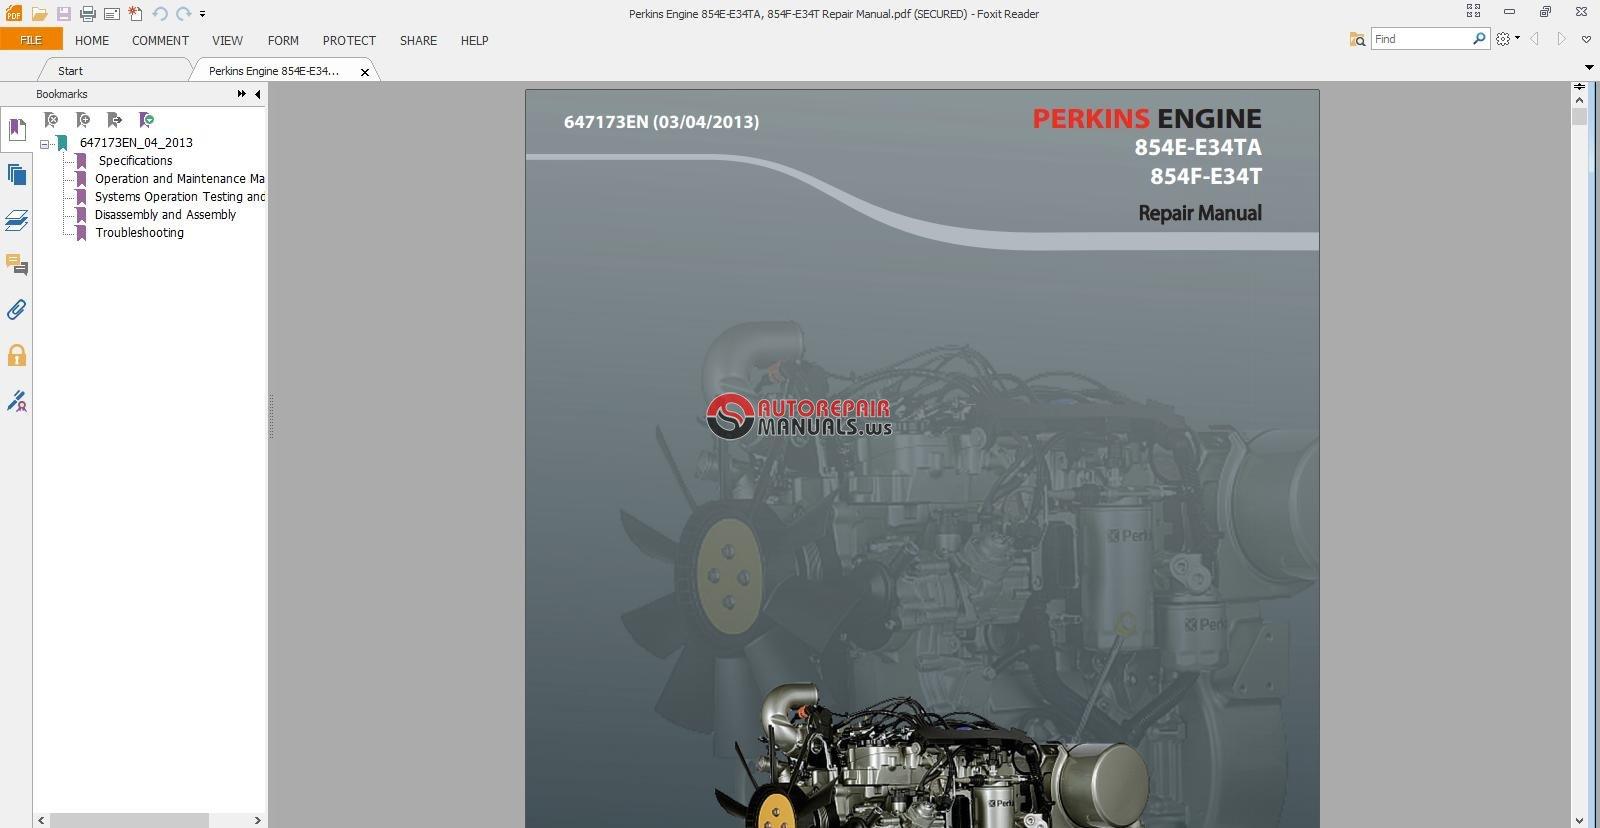 perkins engine 854e